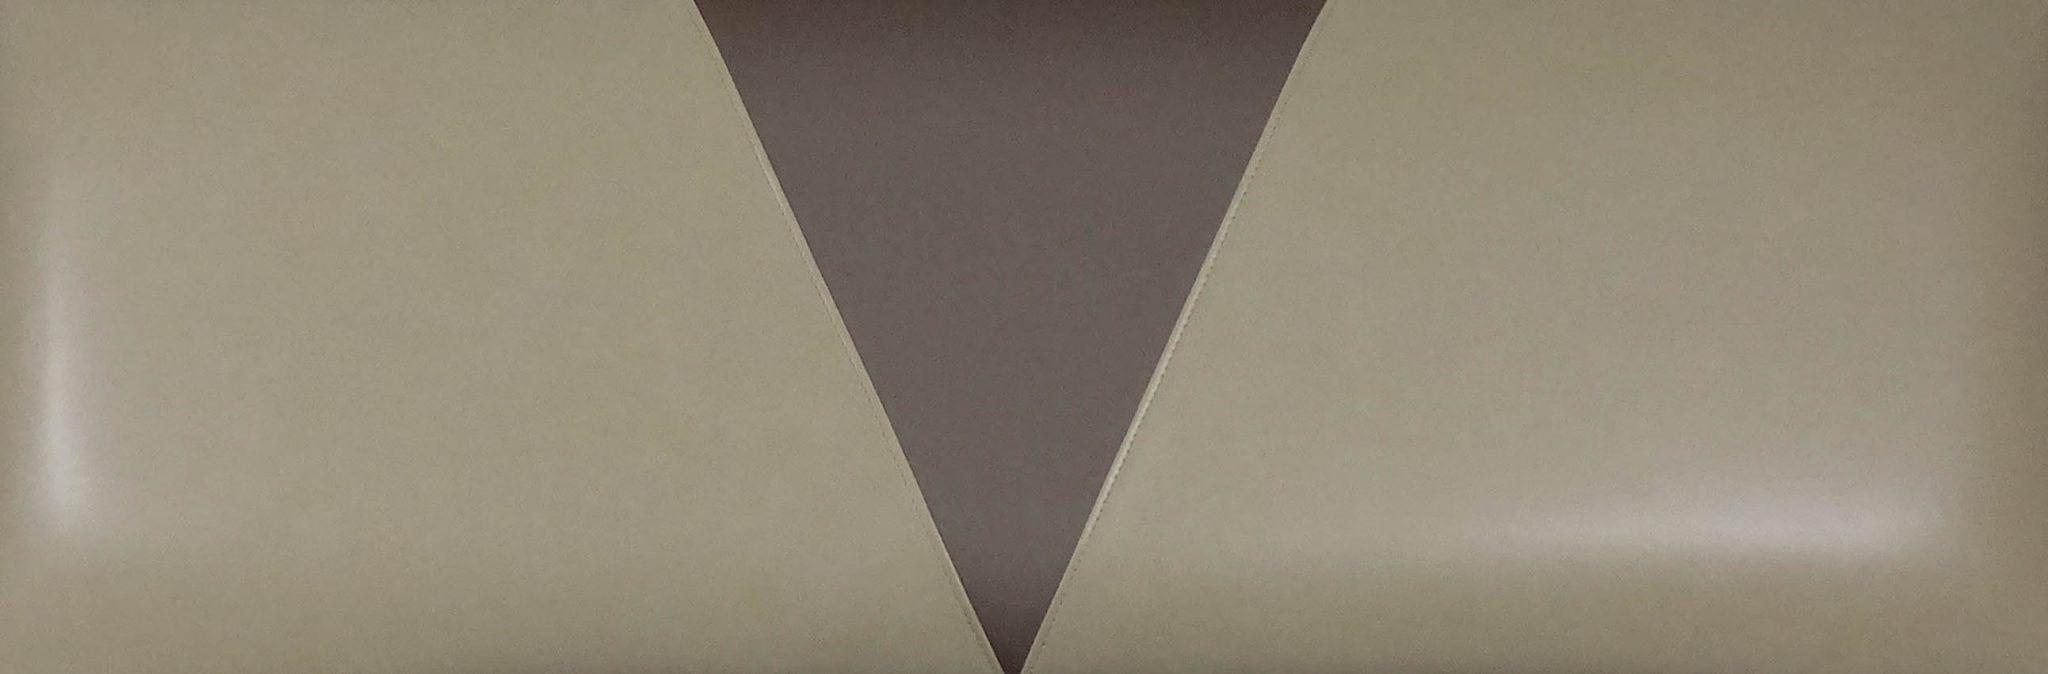 V-Insert Upholstered Inside Booth Back